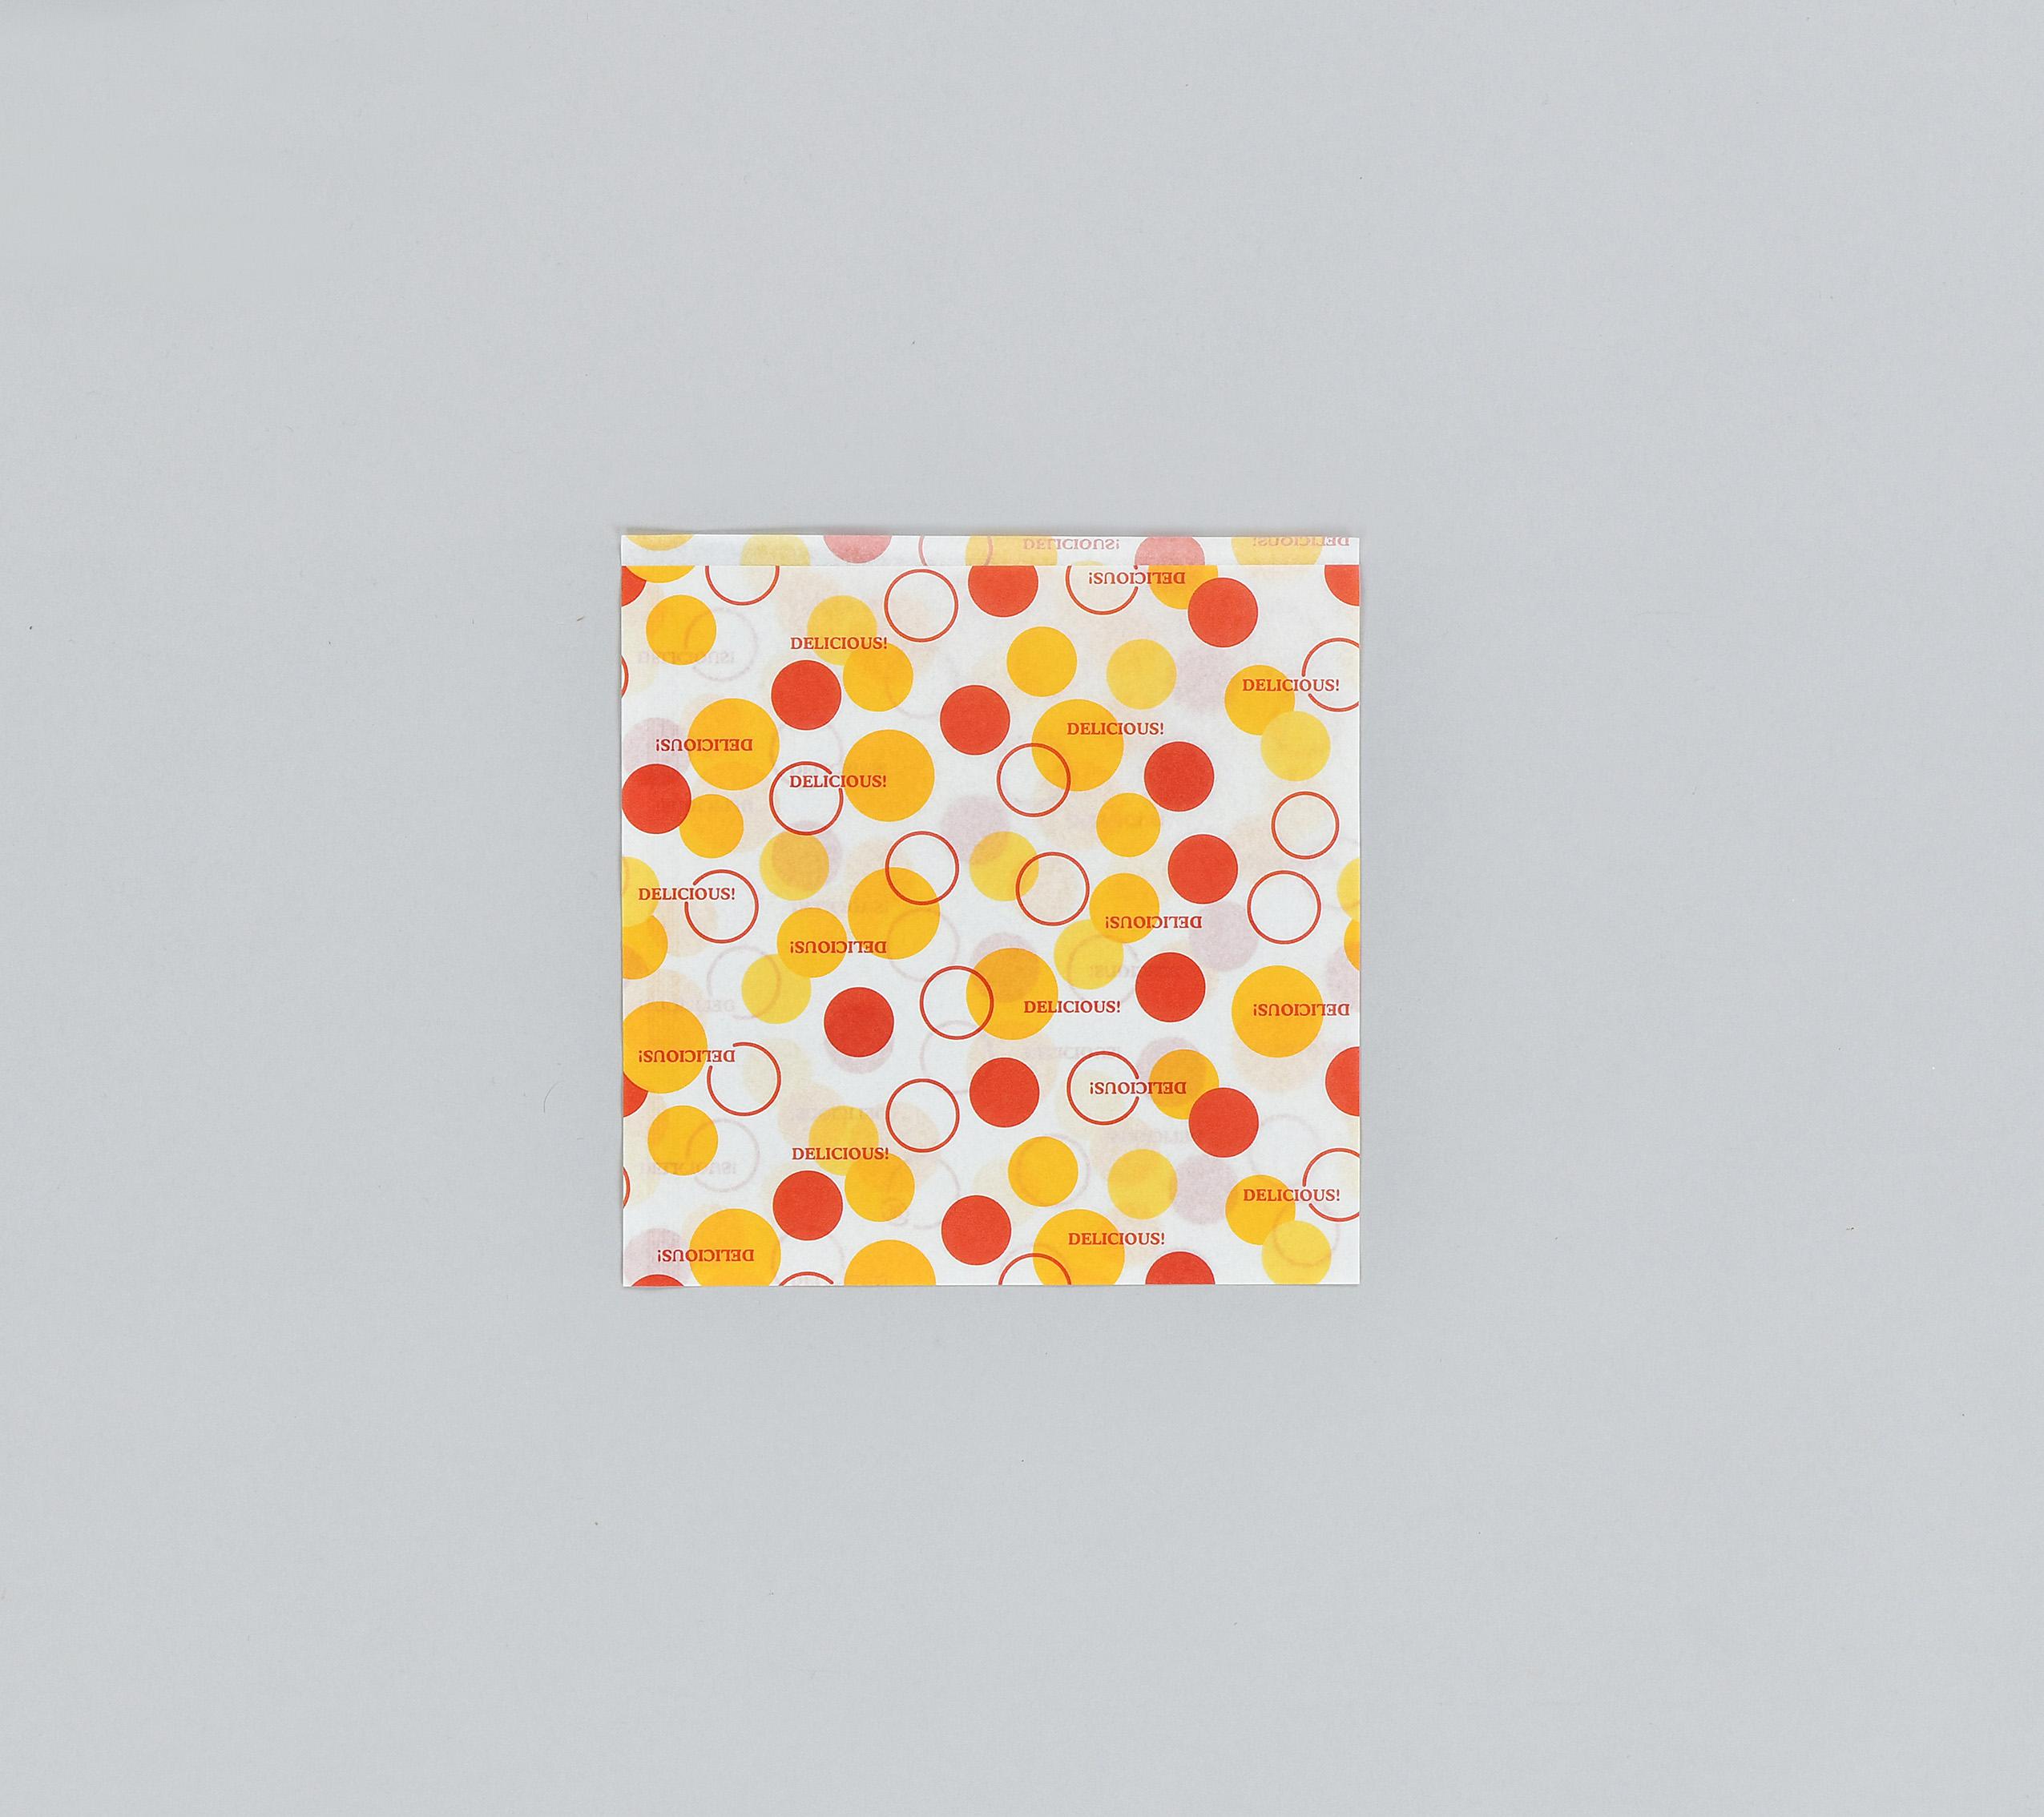 バーガー袋 No.15 バルーン(4000枚入り/ケース)ハンバーガー ドーナツ シュークリーム ワッフル 業務用 使い捨て